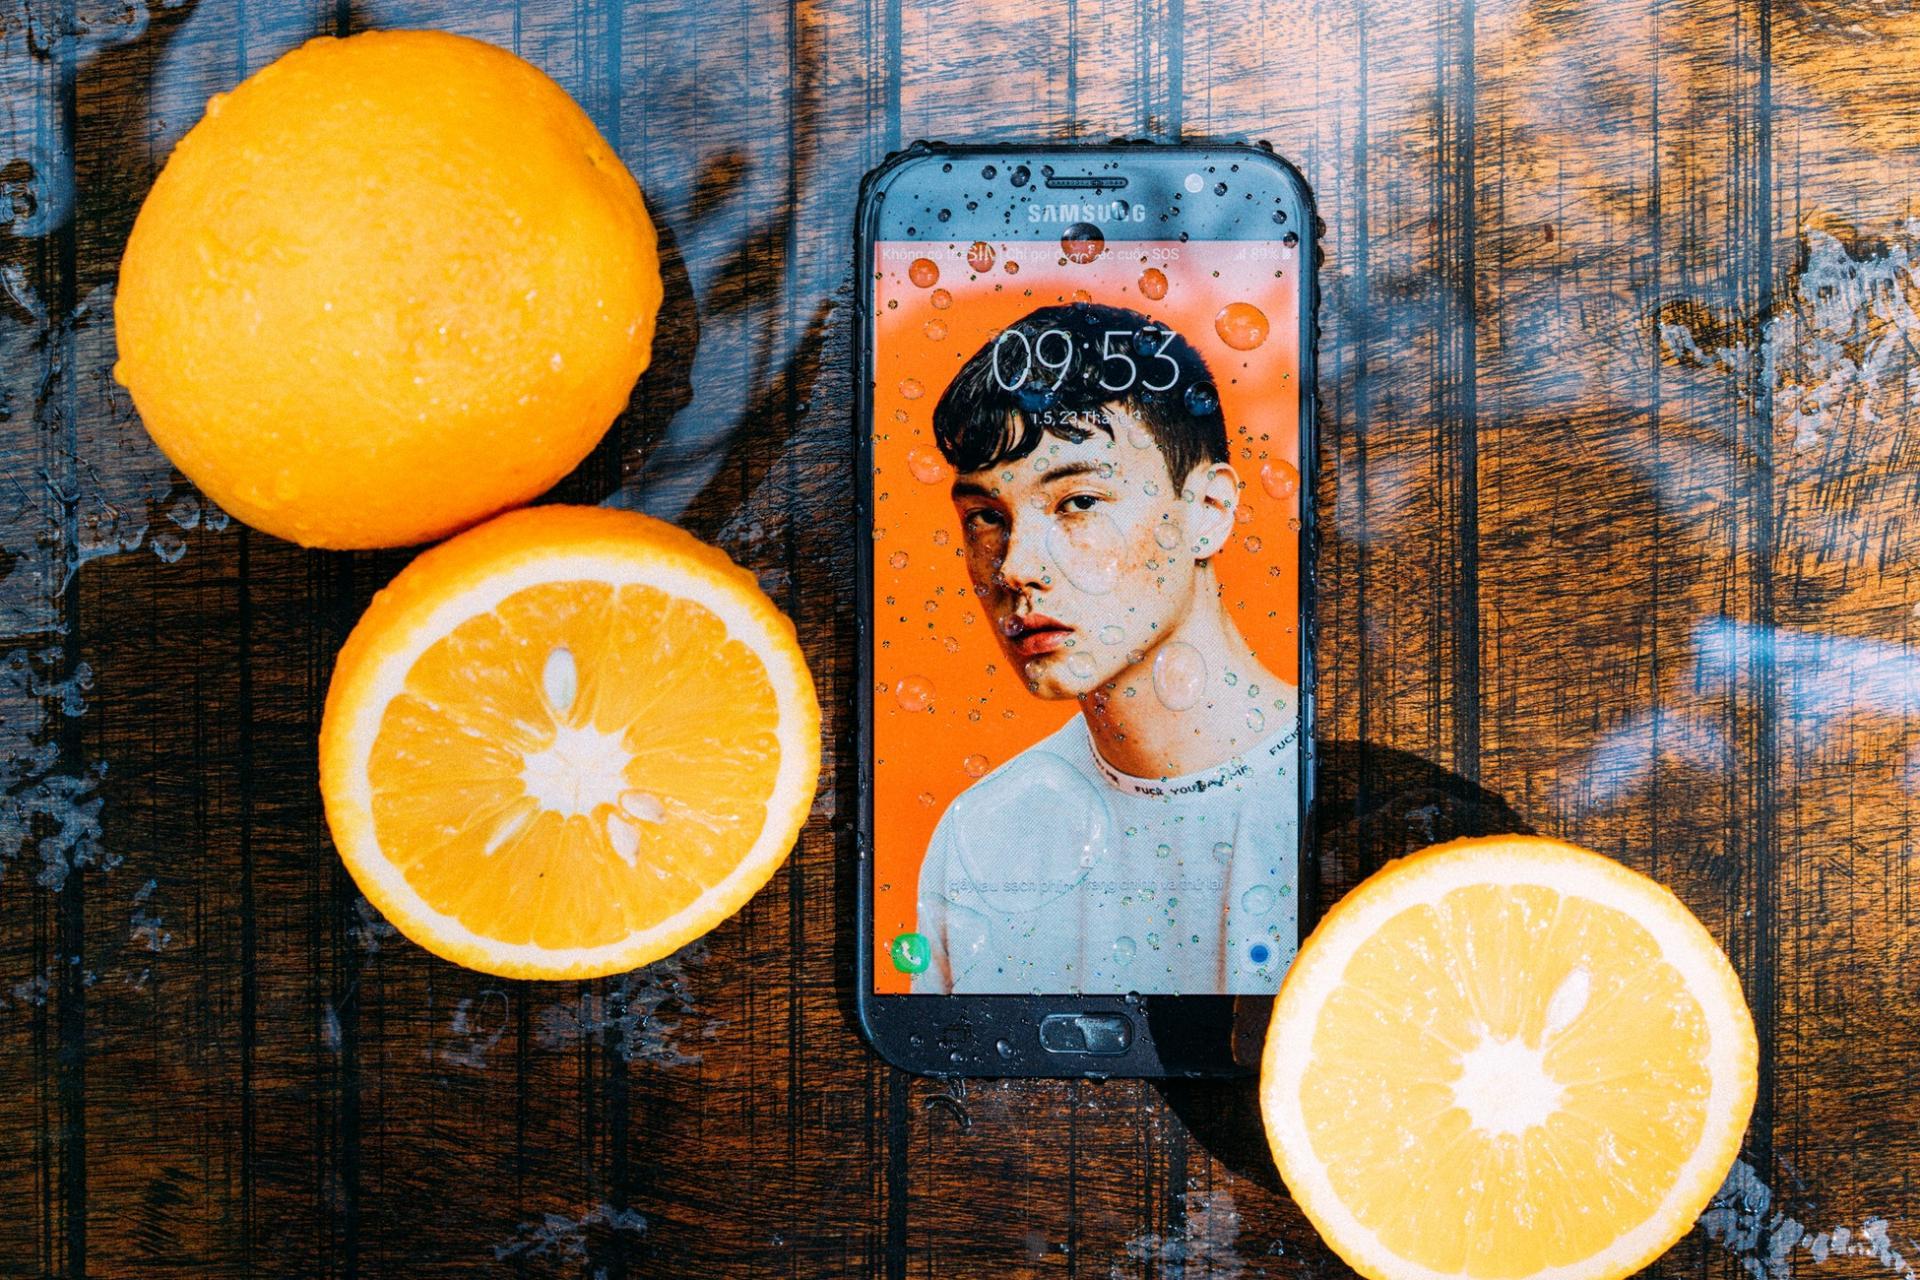 Самые мощные смартфоны ноября 2018 поверсии популярного бенчмарка